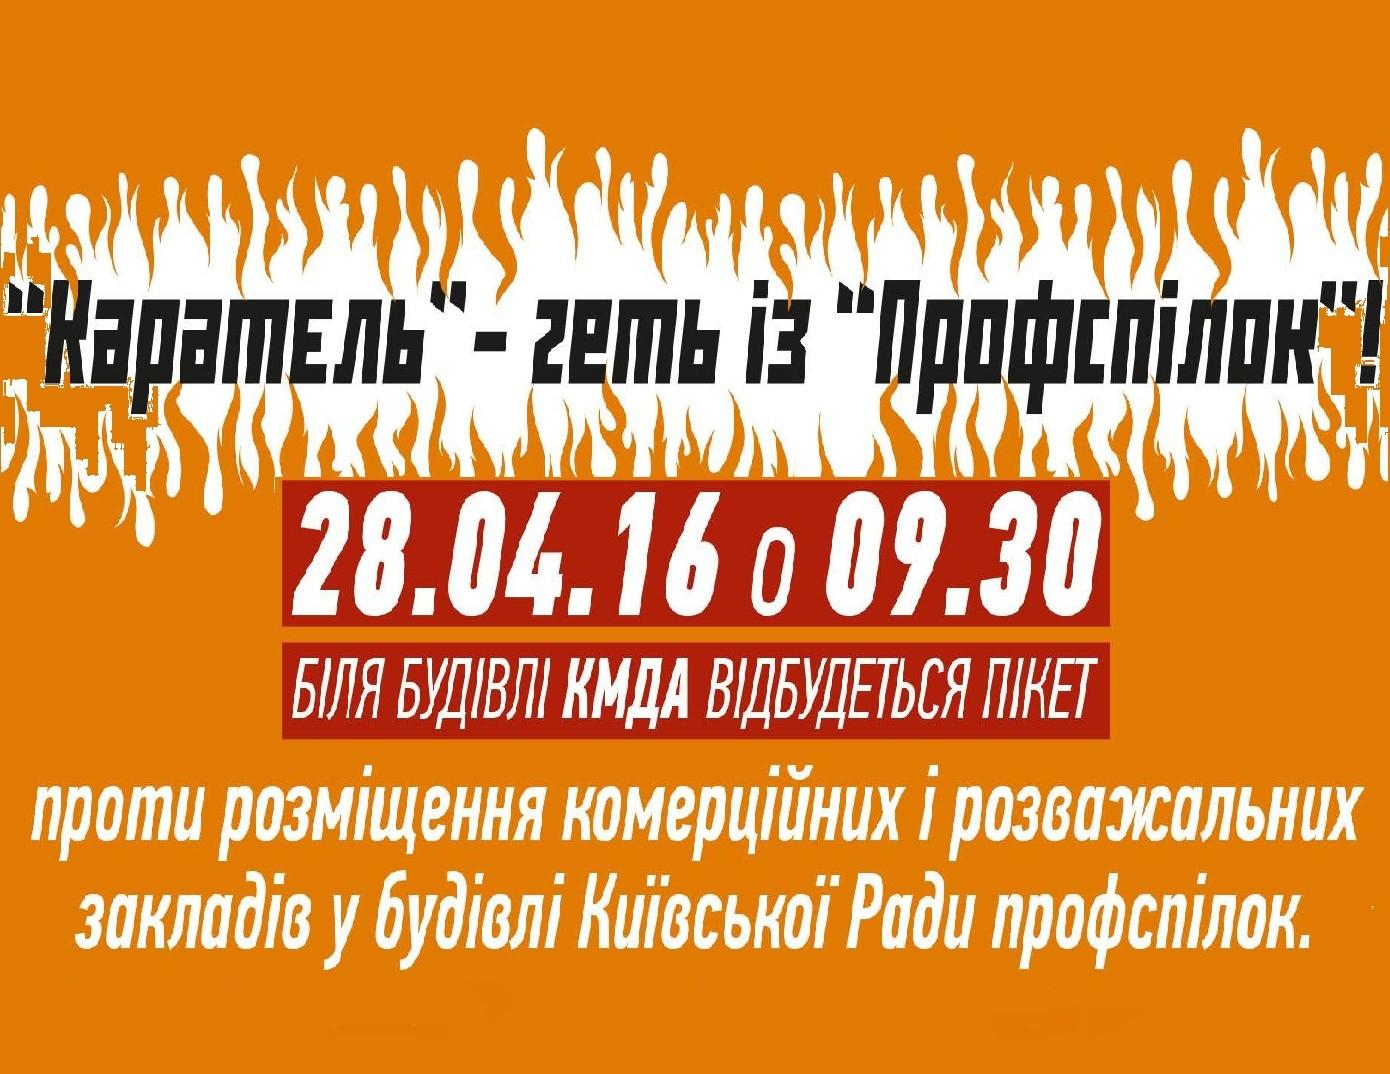 """Активісти збираються на пікет під стіни КМДА проти кафе """"Каратель"""" у будинку профспілок."""